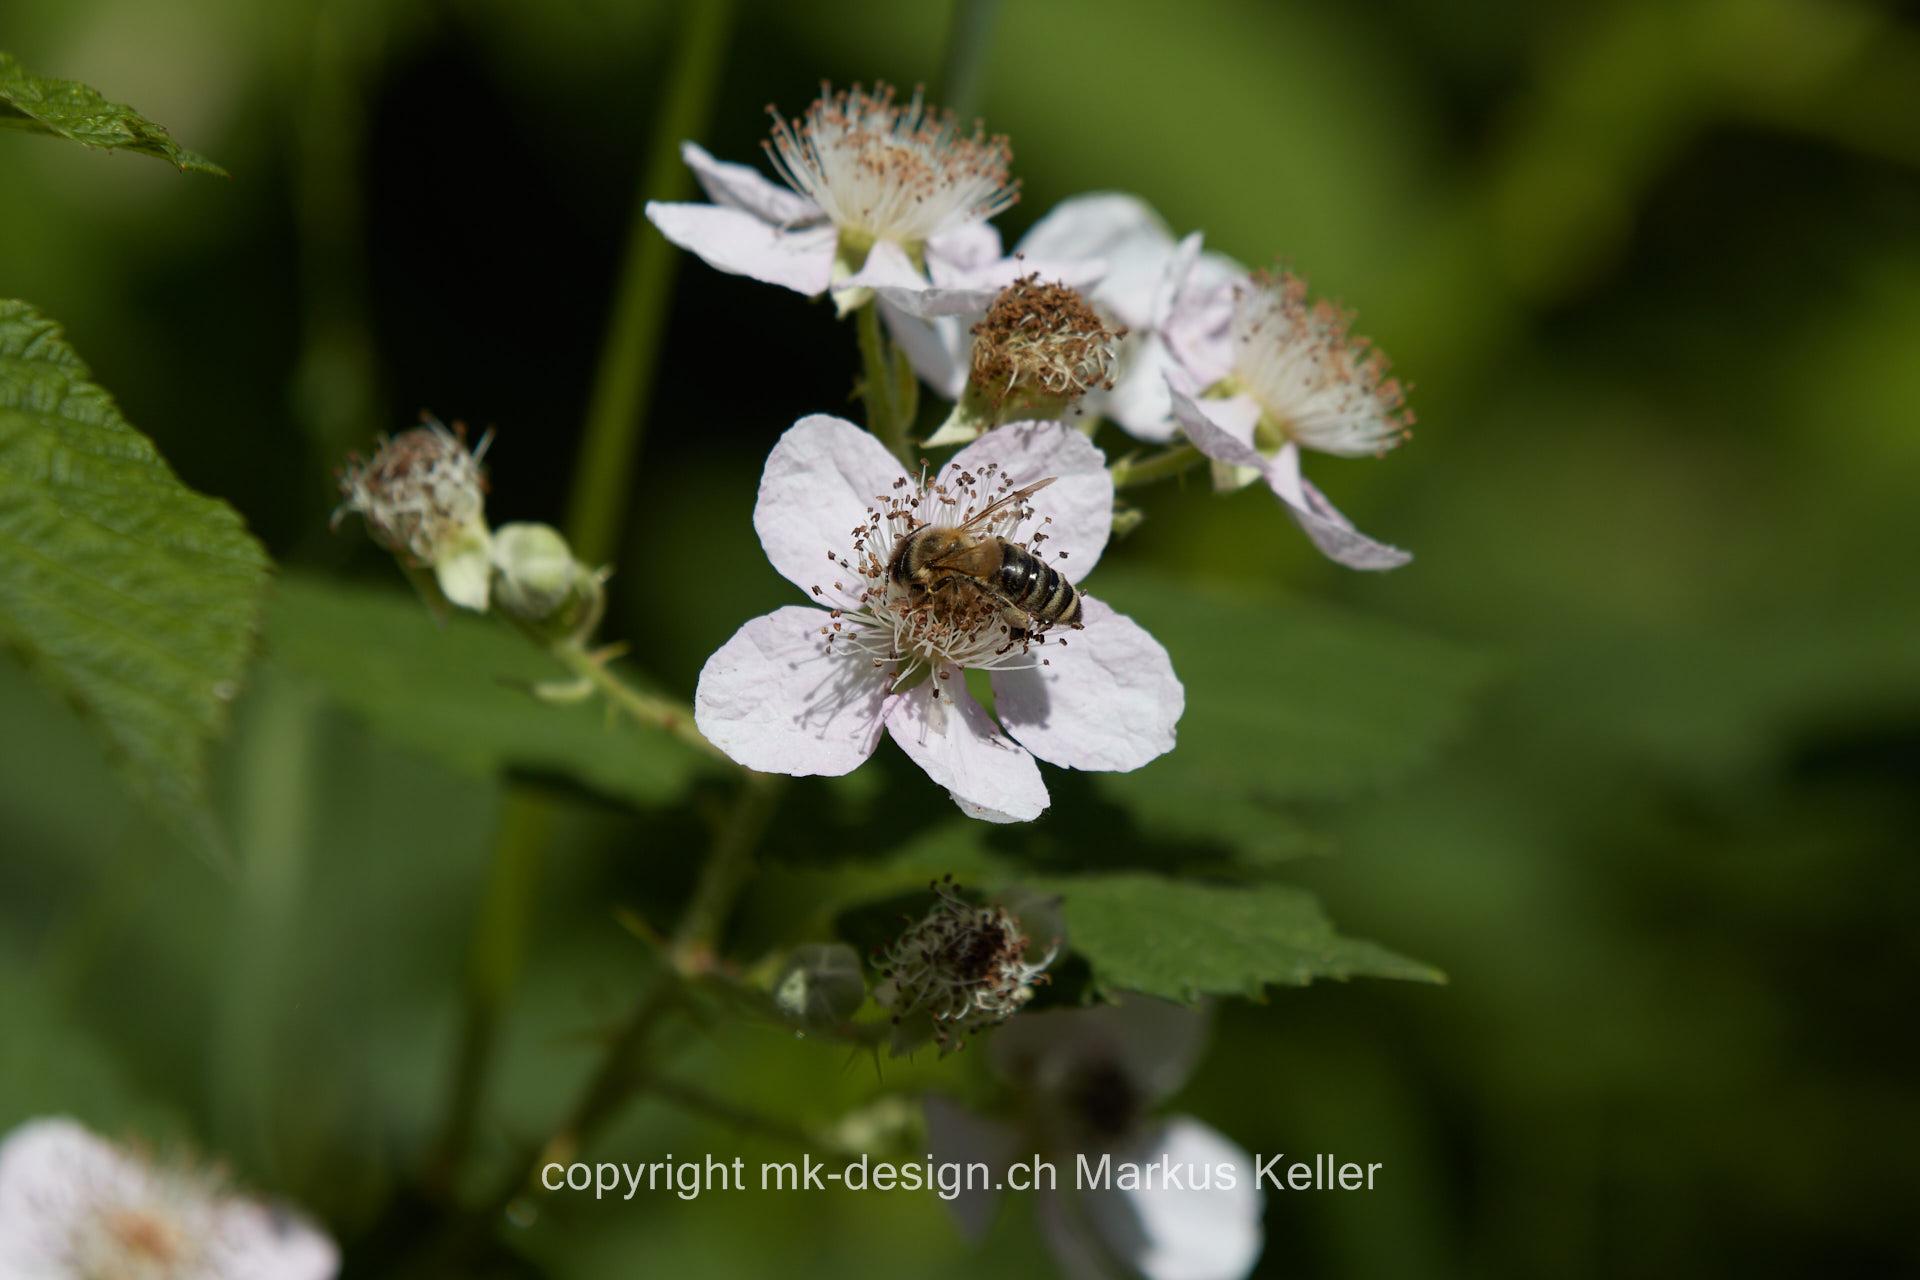 Pflanze   Blume   Buschwindröschen   Tier   Insekte   Biene